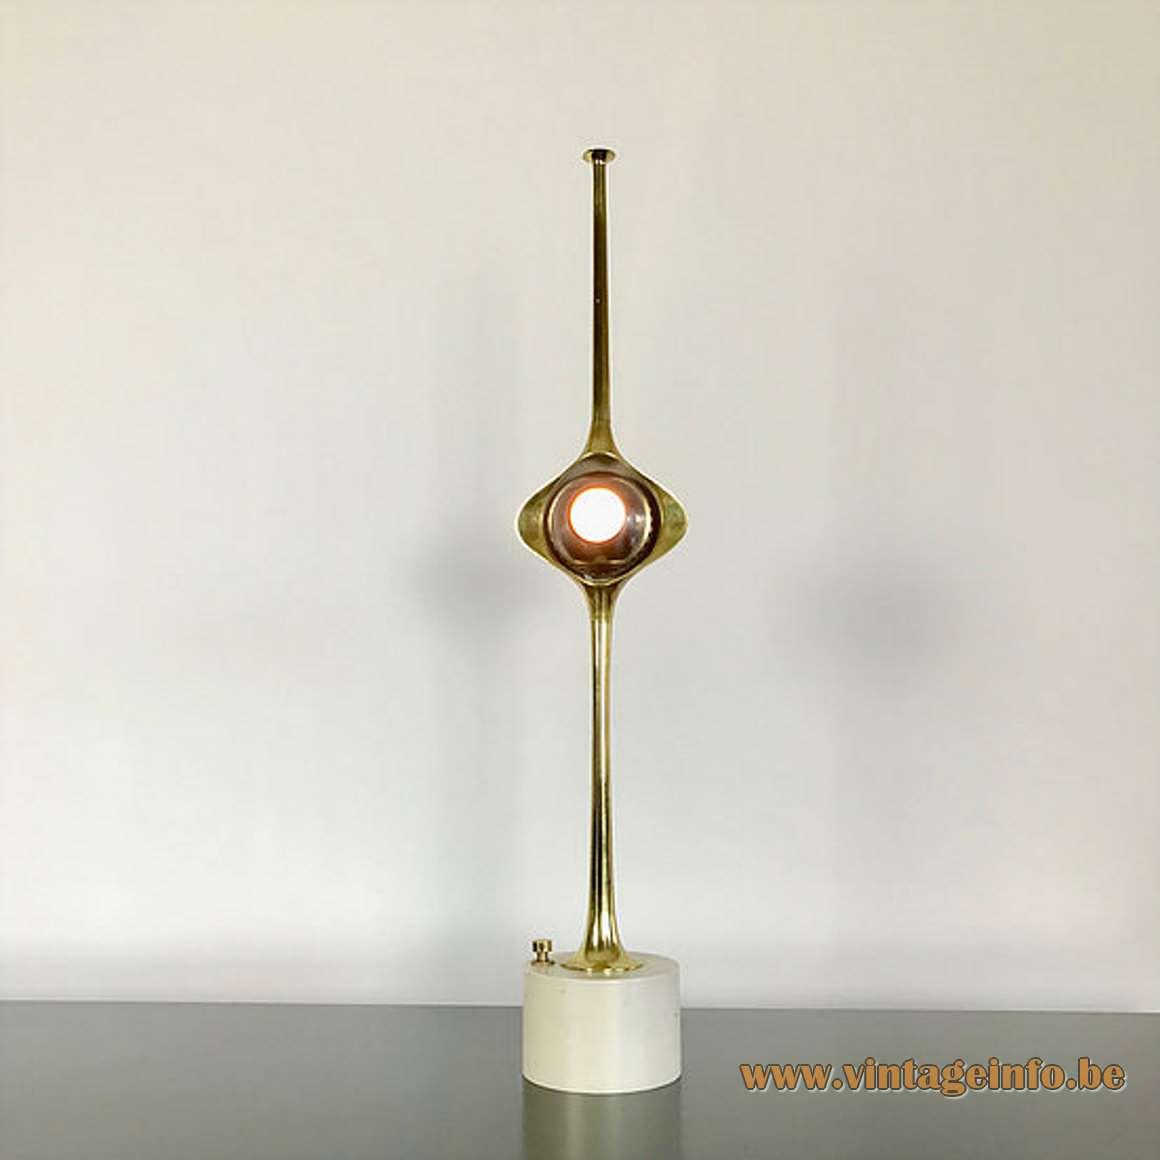 Angello Lelii Cobra table lamp white brass base long rod magnetised globe Lelli design 1960s Arredoluce